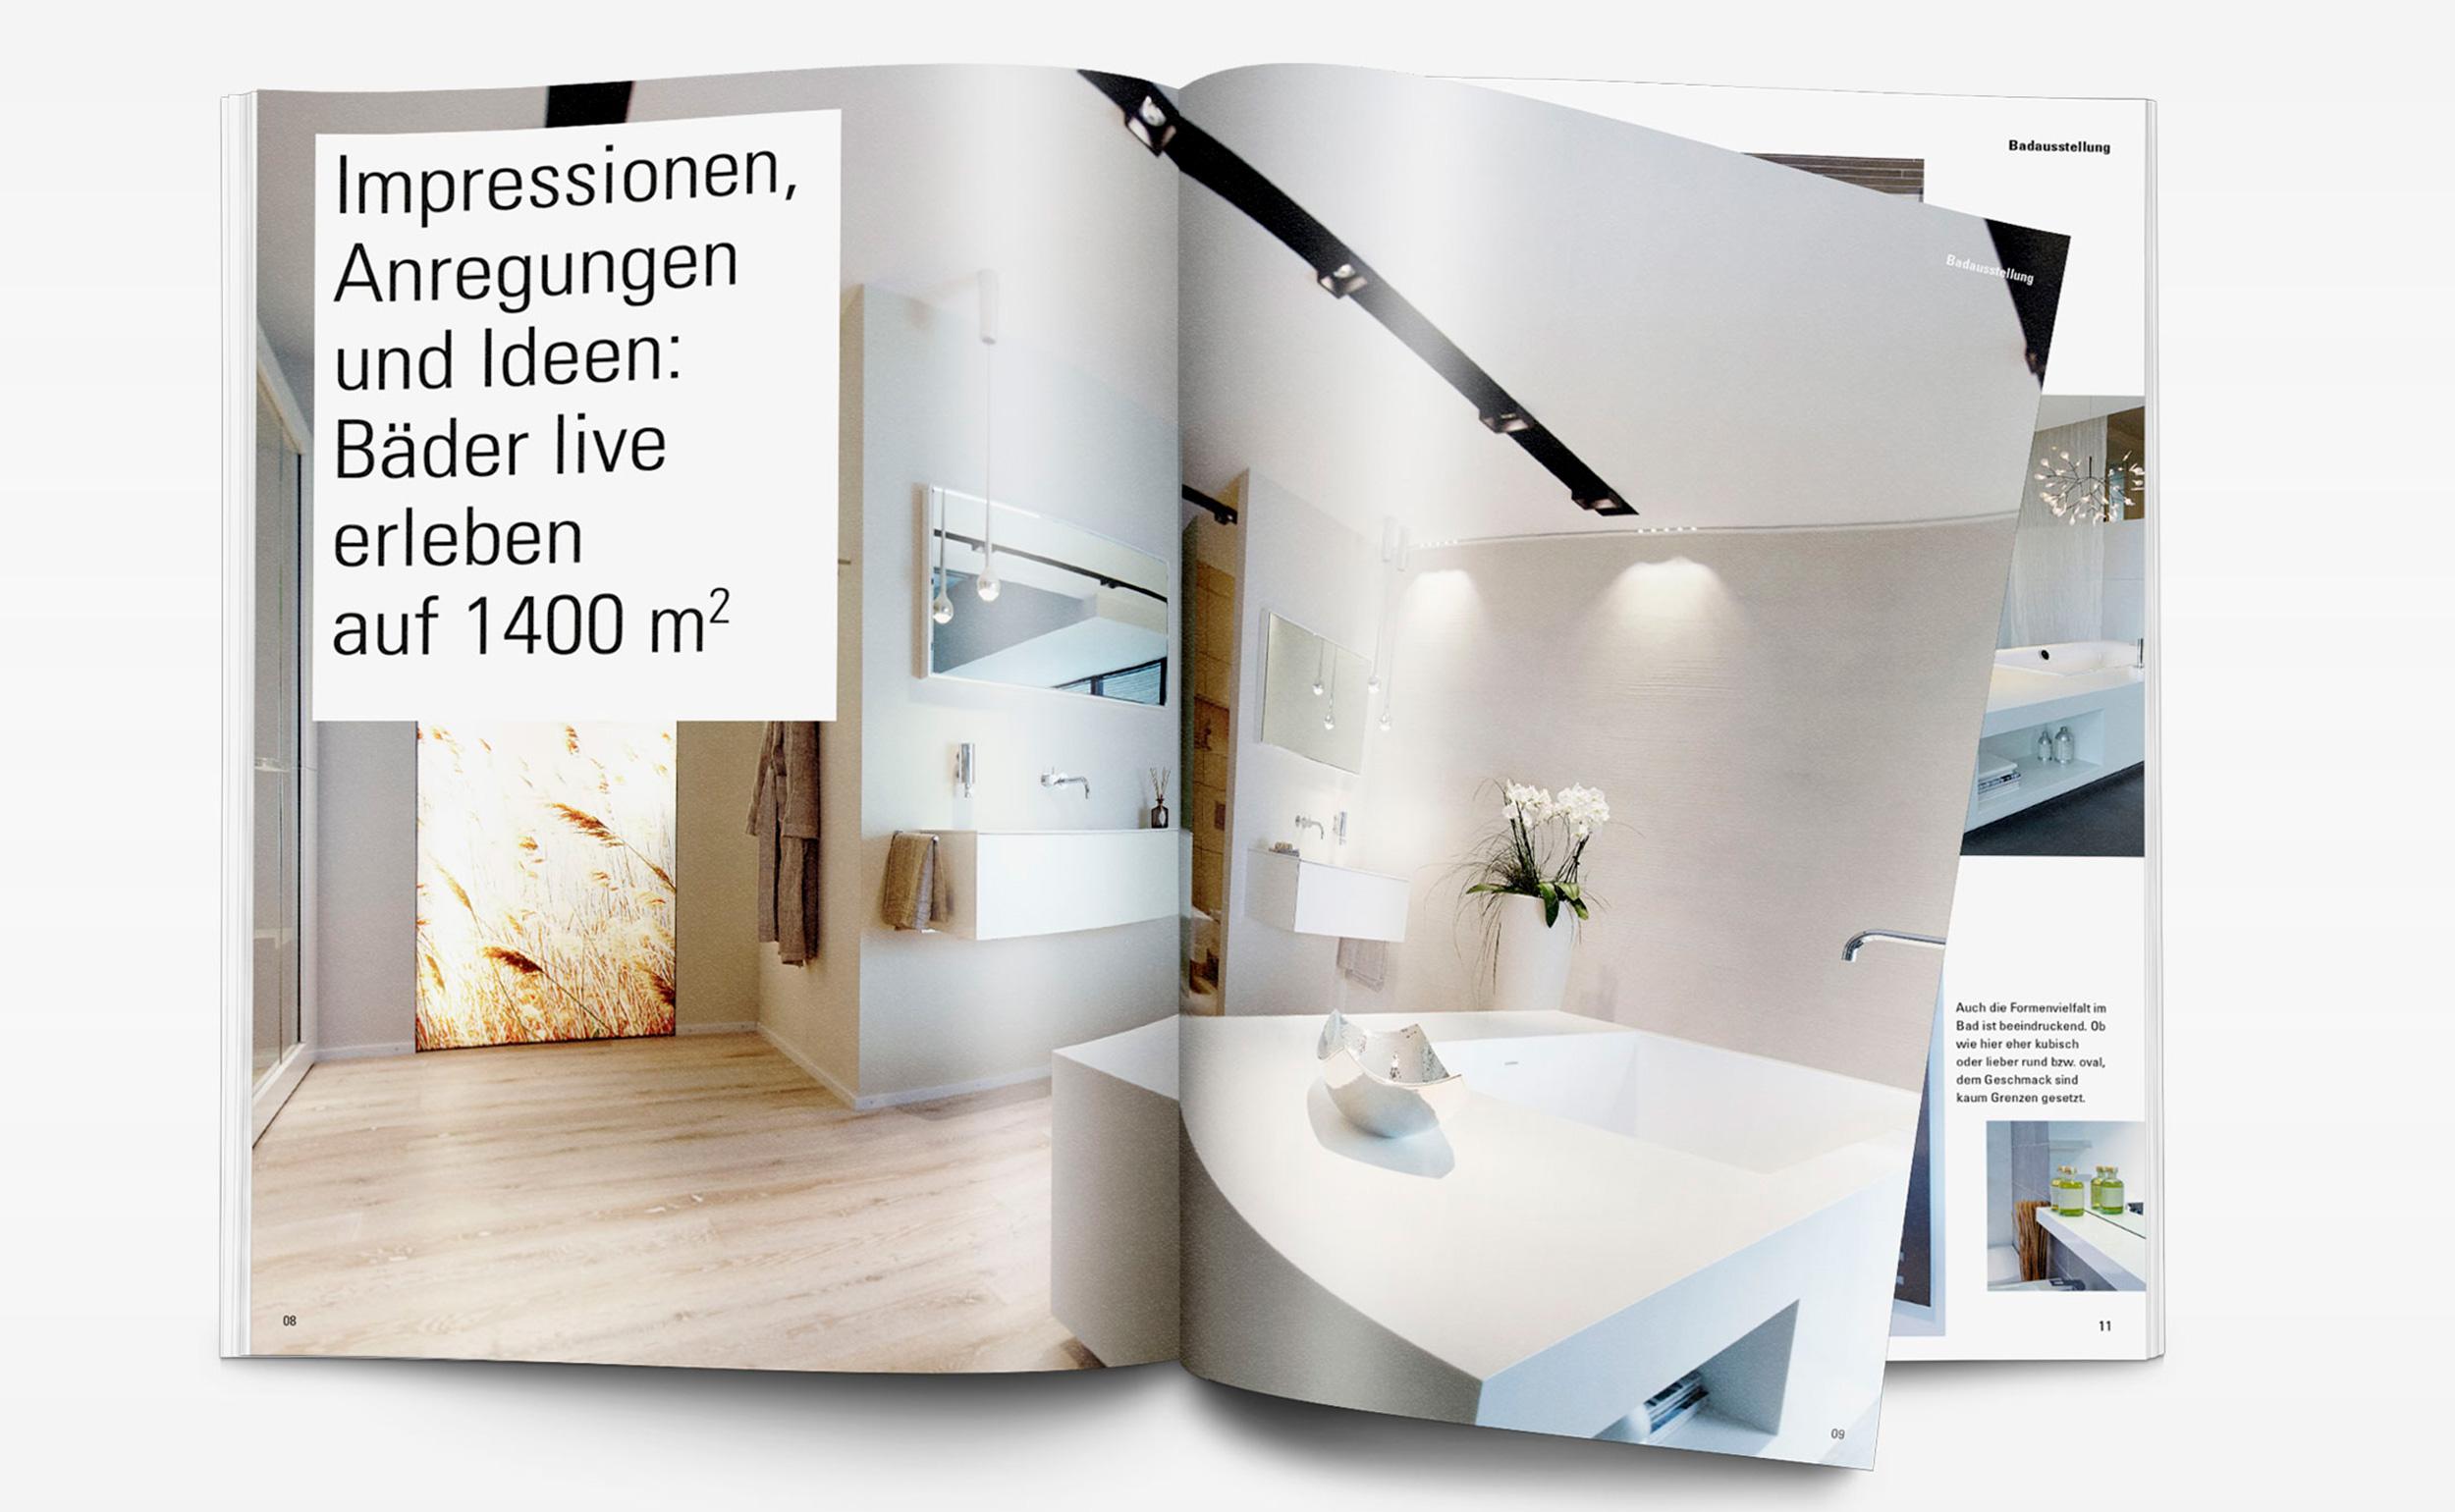 sanitaer_bez_broschuere_05